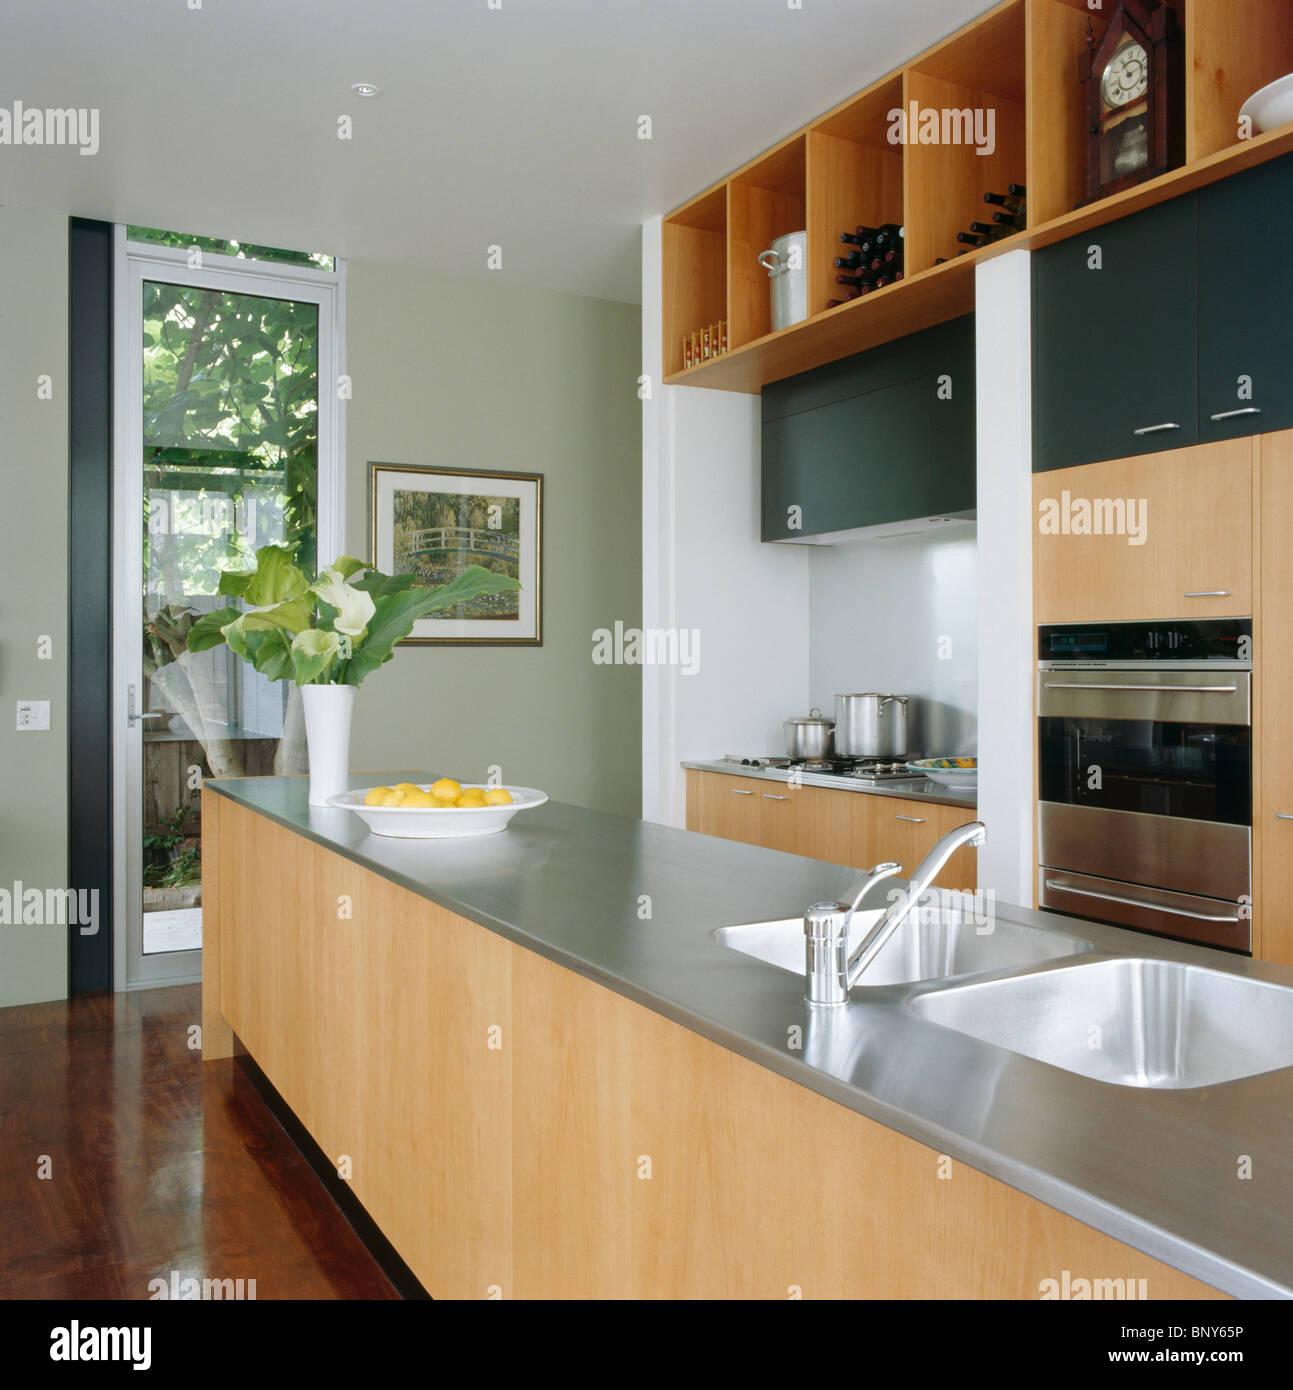 Shelves Shelving Sinks Stock Photos & Shelves Shelving Sinks Stock ...